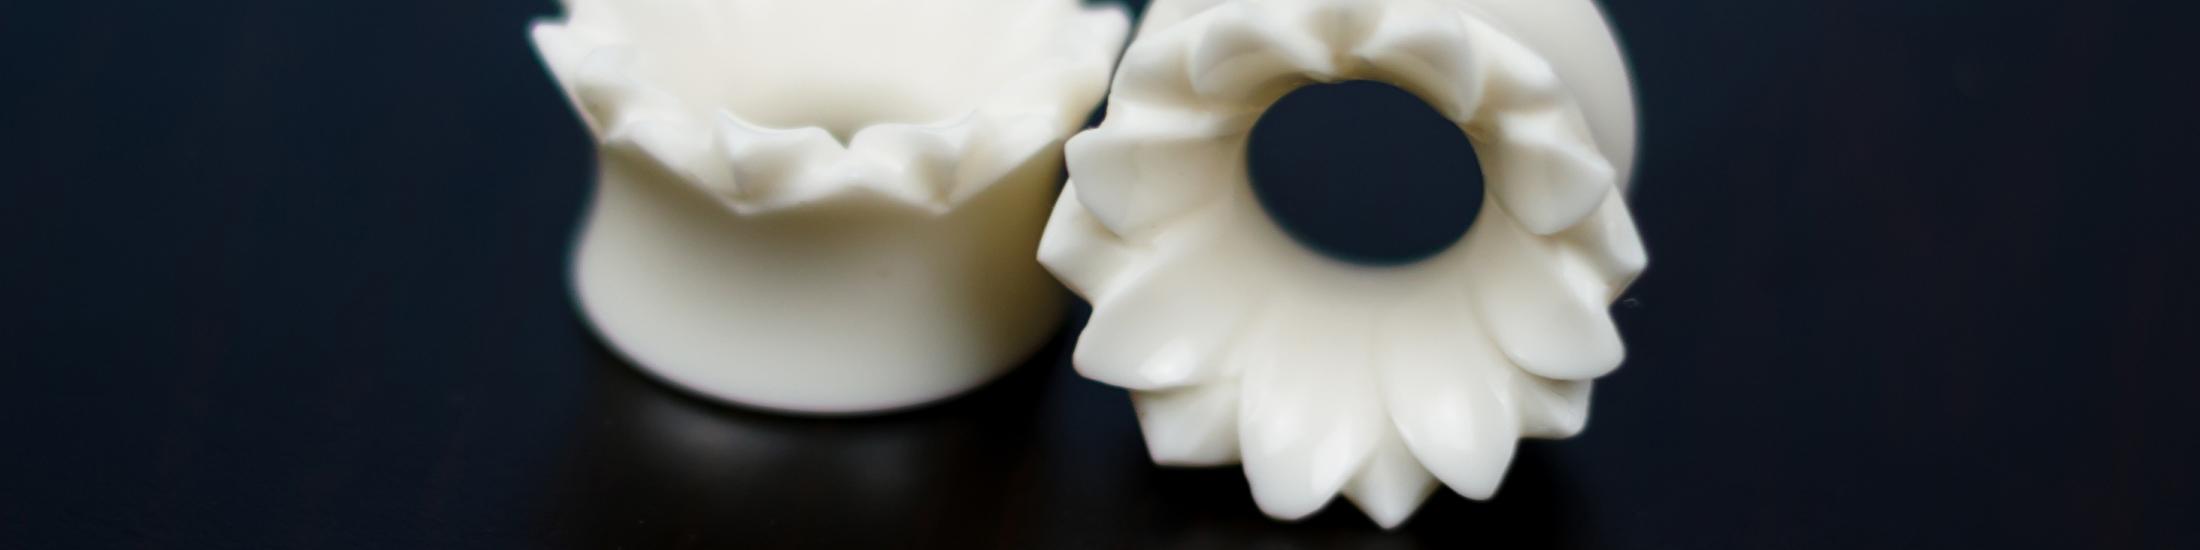 Bone flower double flare tunnels